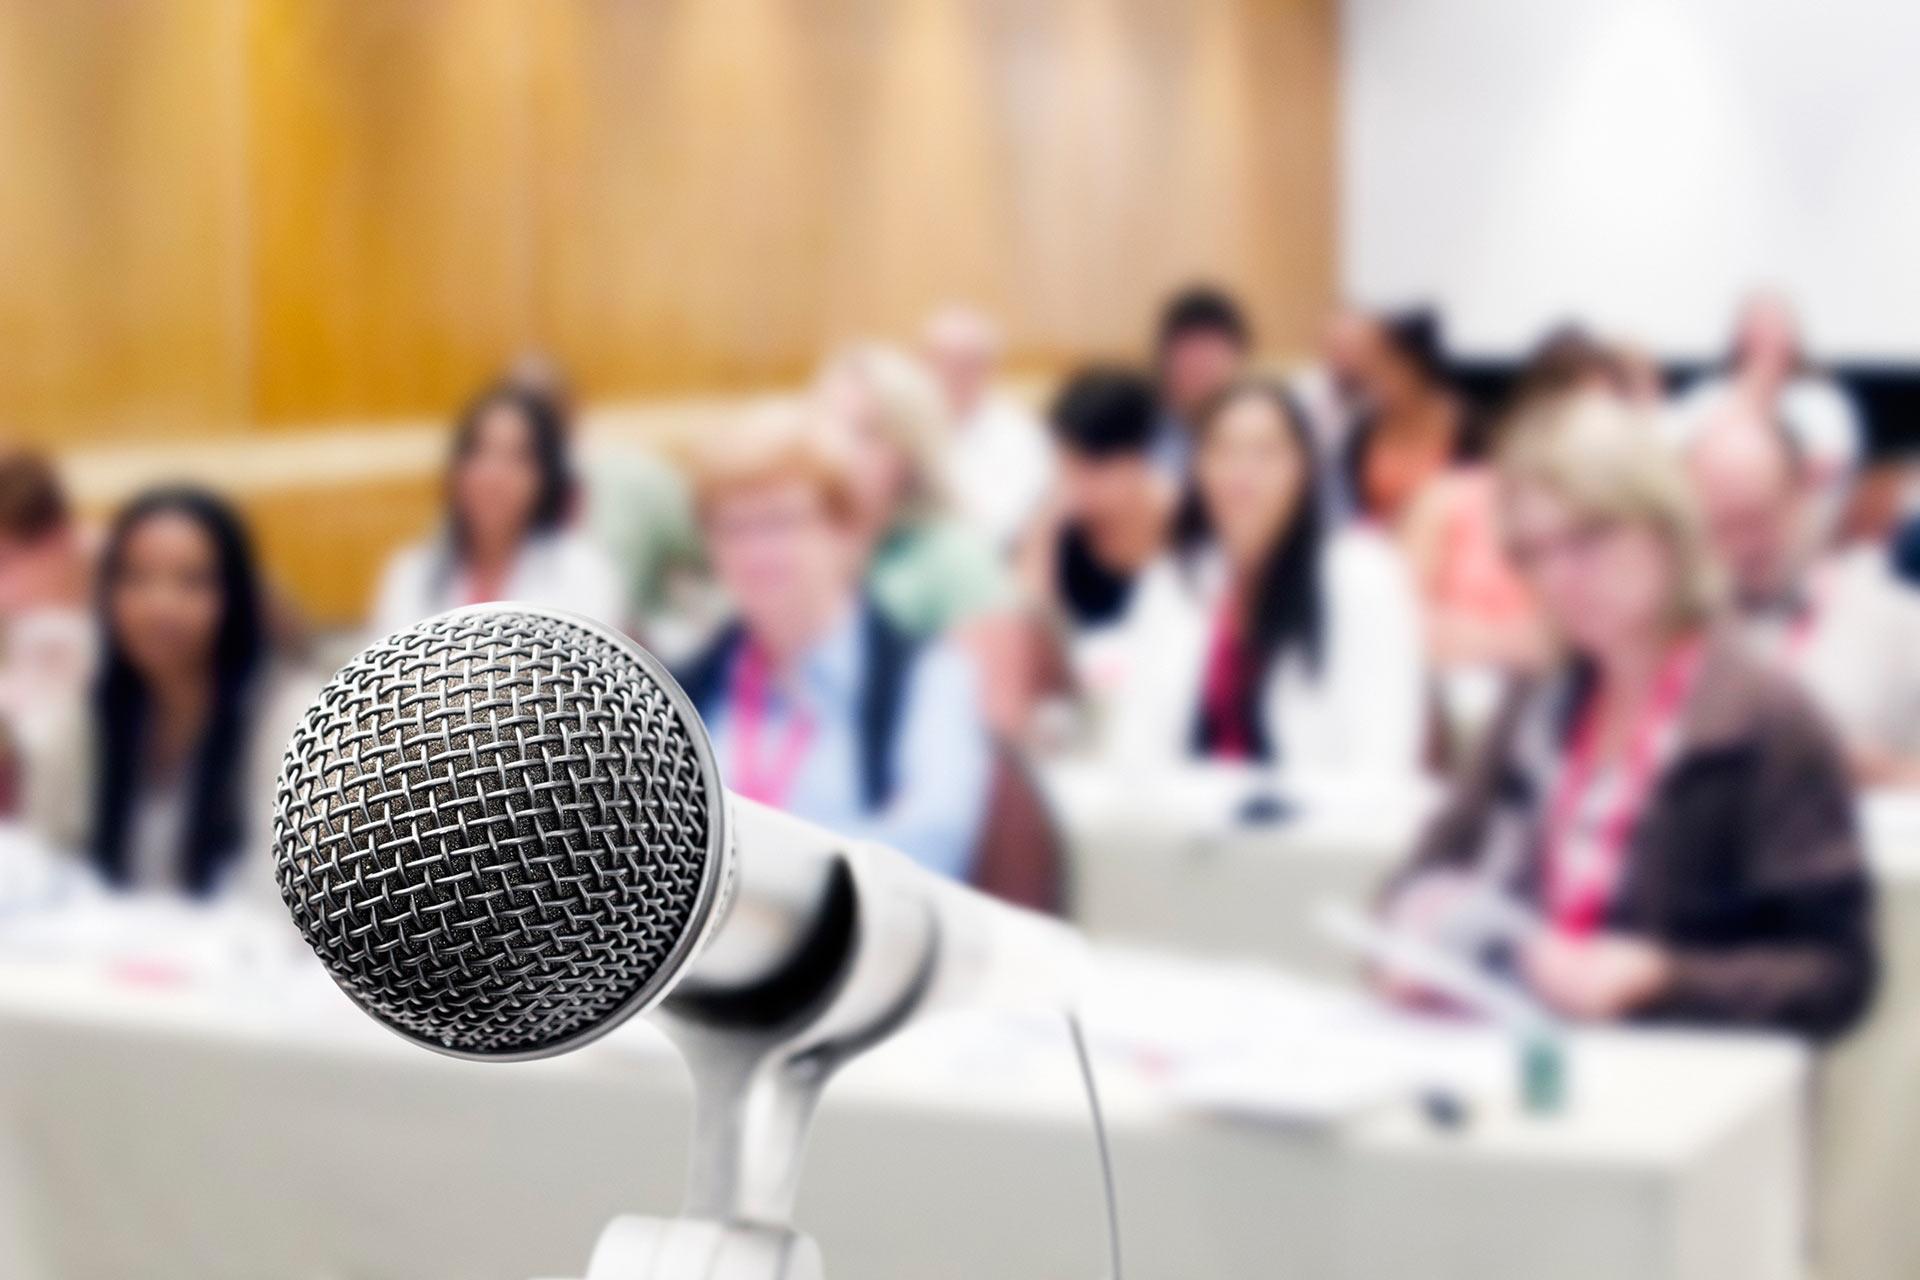 Простые способы заинтересовать аудиторию при публичном выступлении. Расскажите о себе.